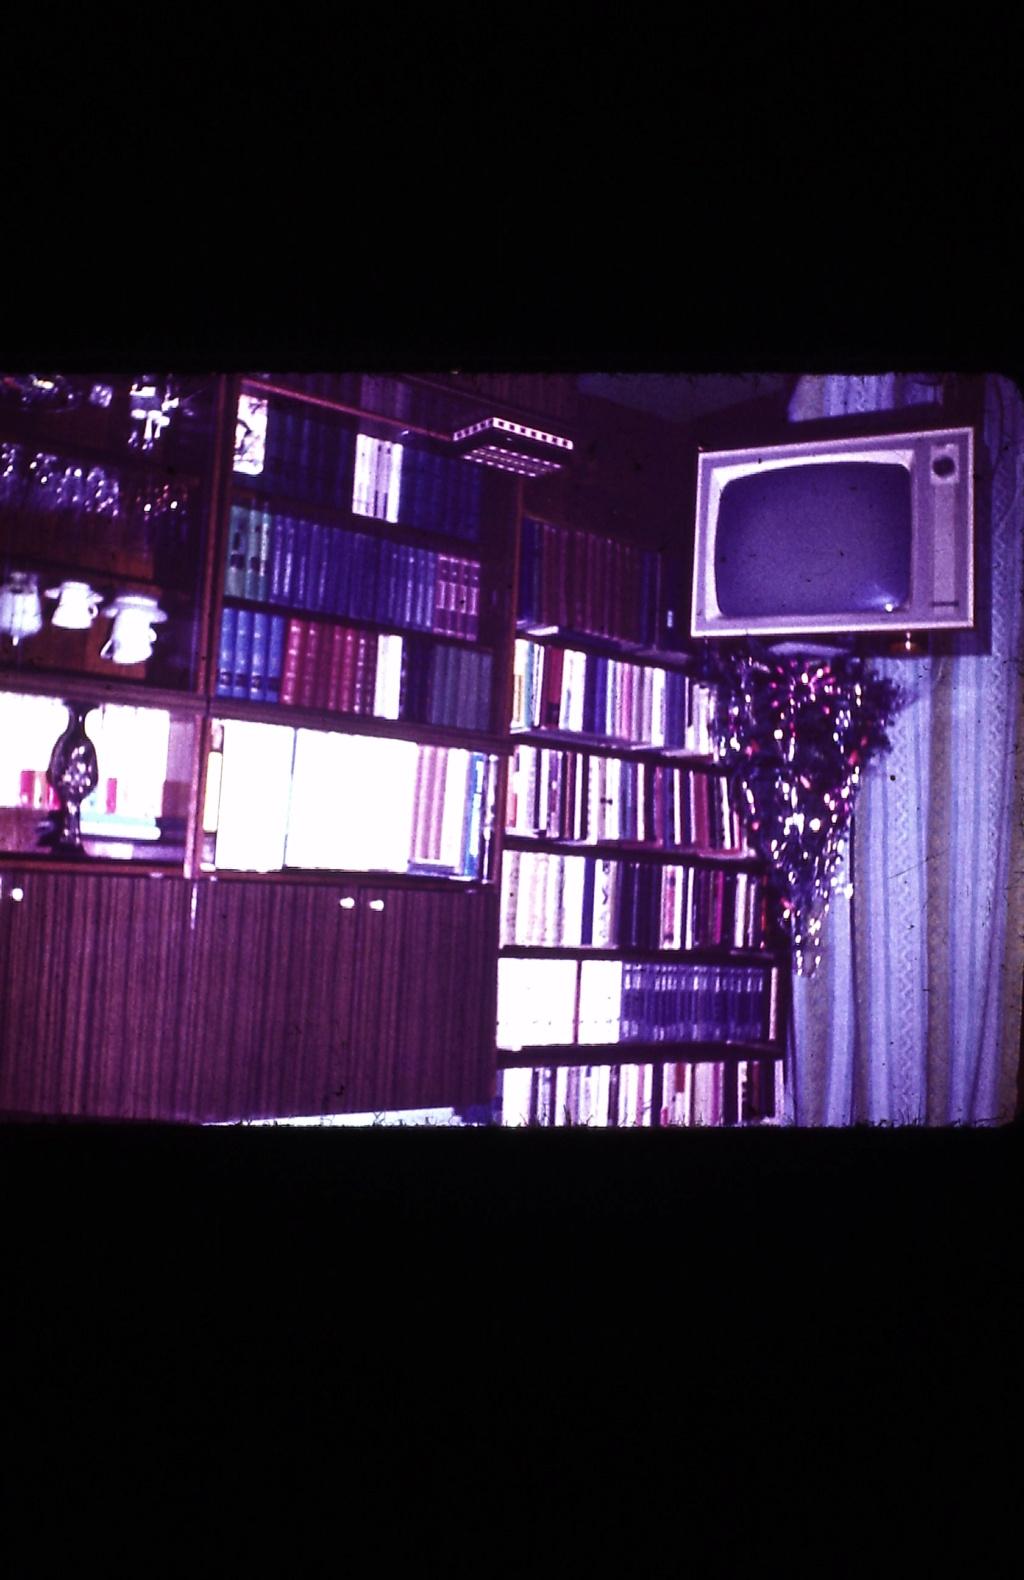 interieur d une maison annee 1975 Pict0015